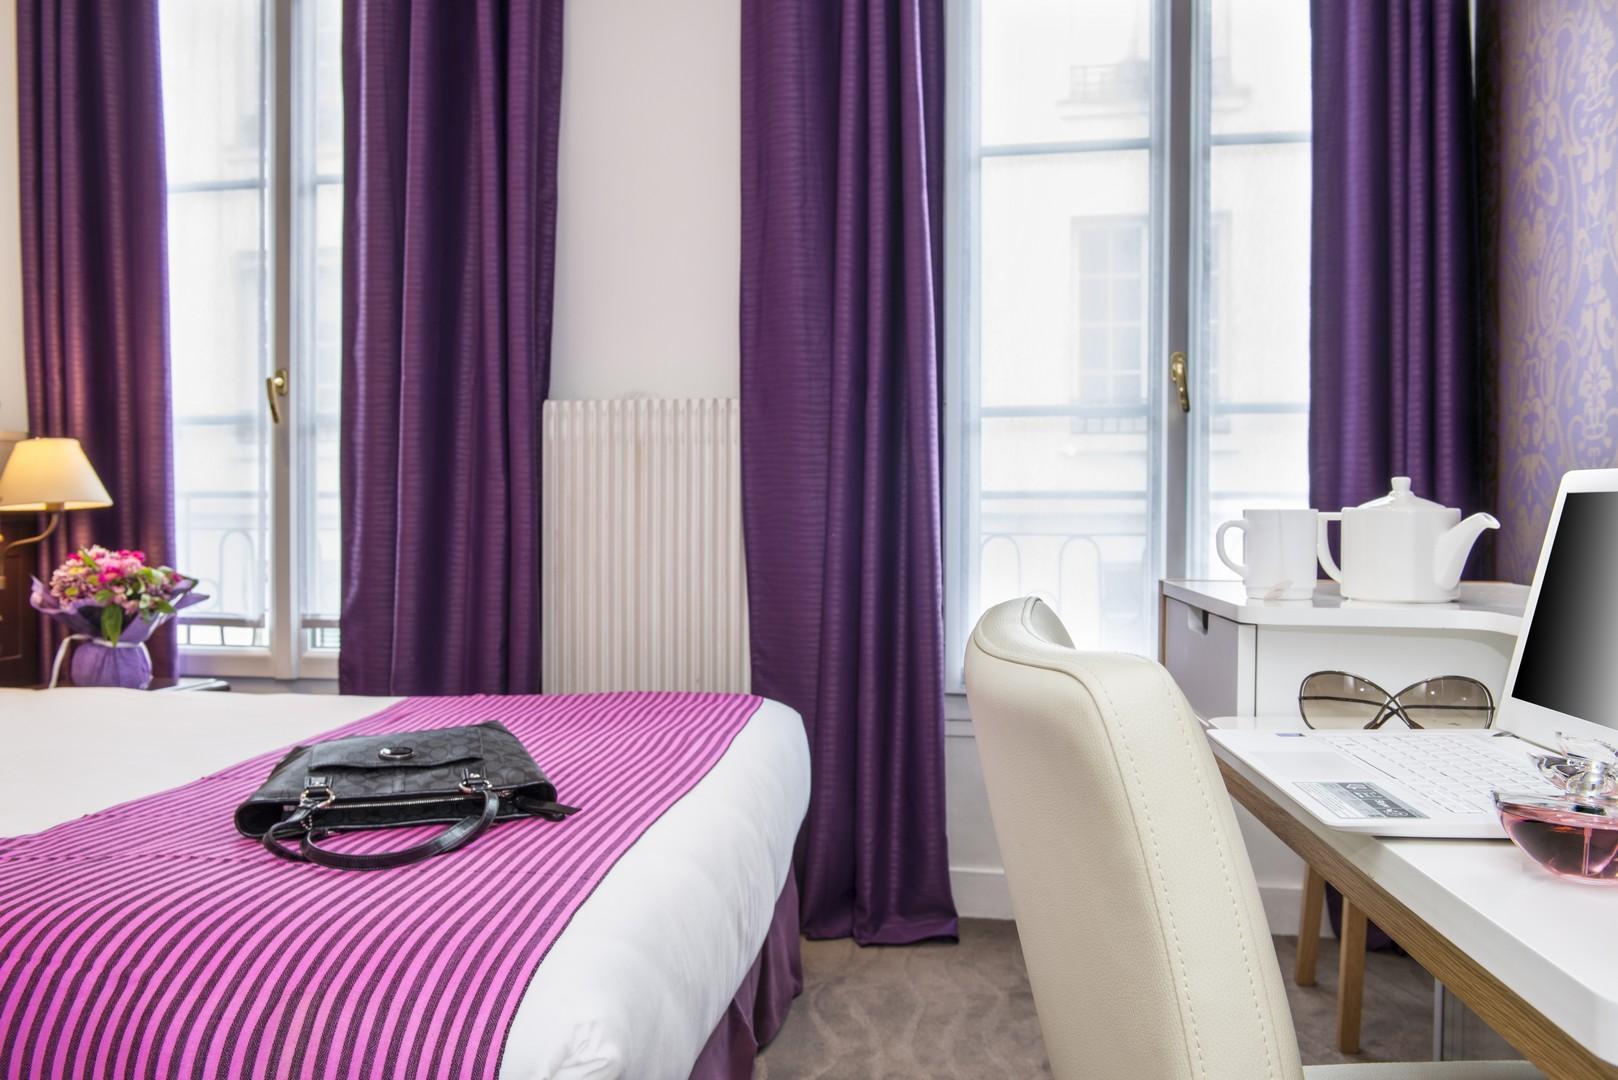 Hotel Villa La Parisienne Parigi villa la parisienne hotel - deals, photos & reviews